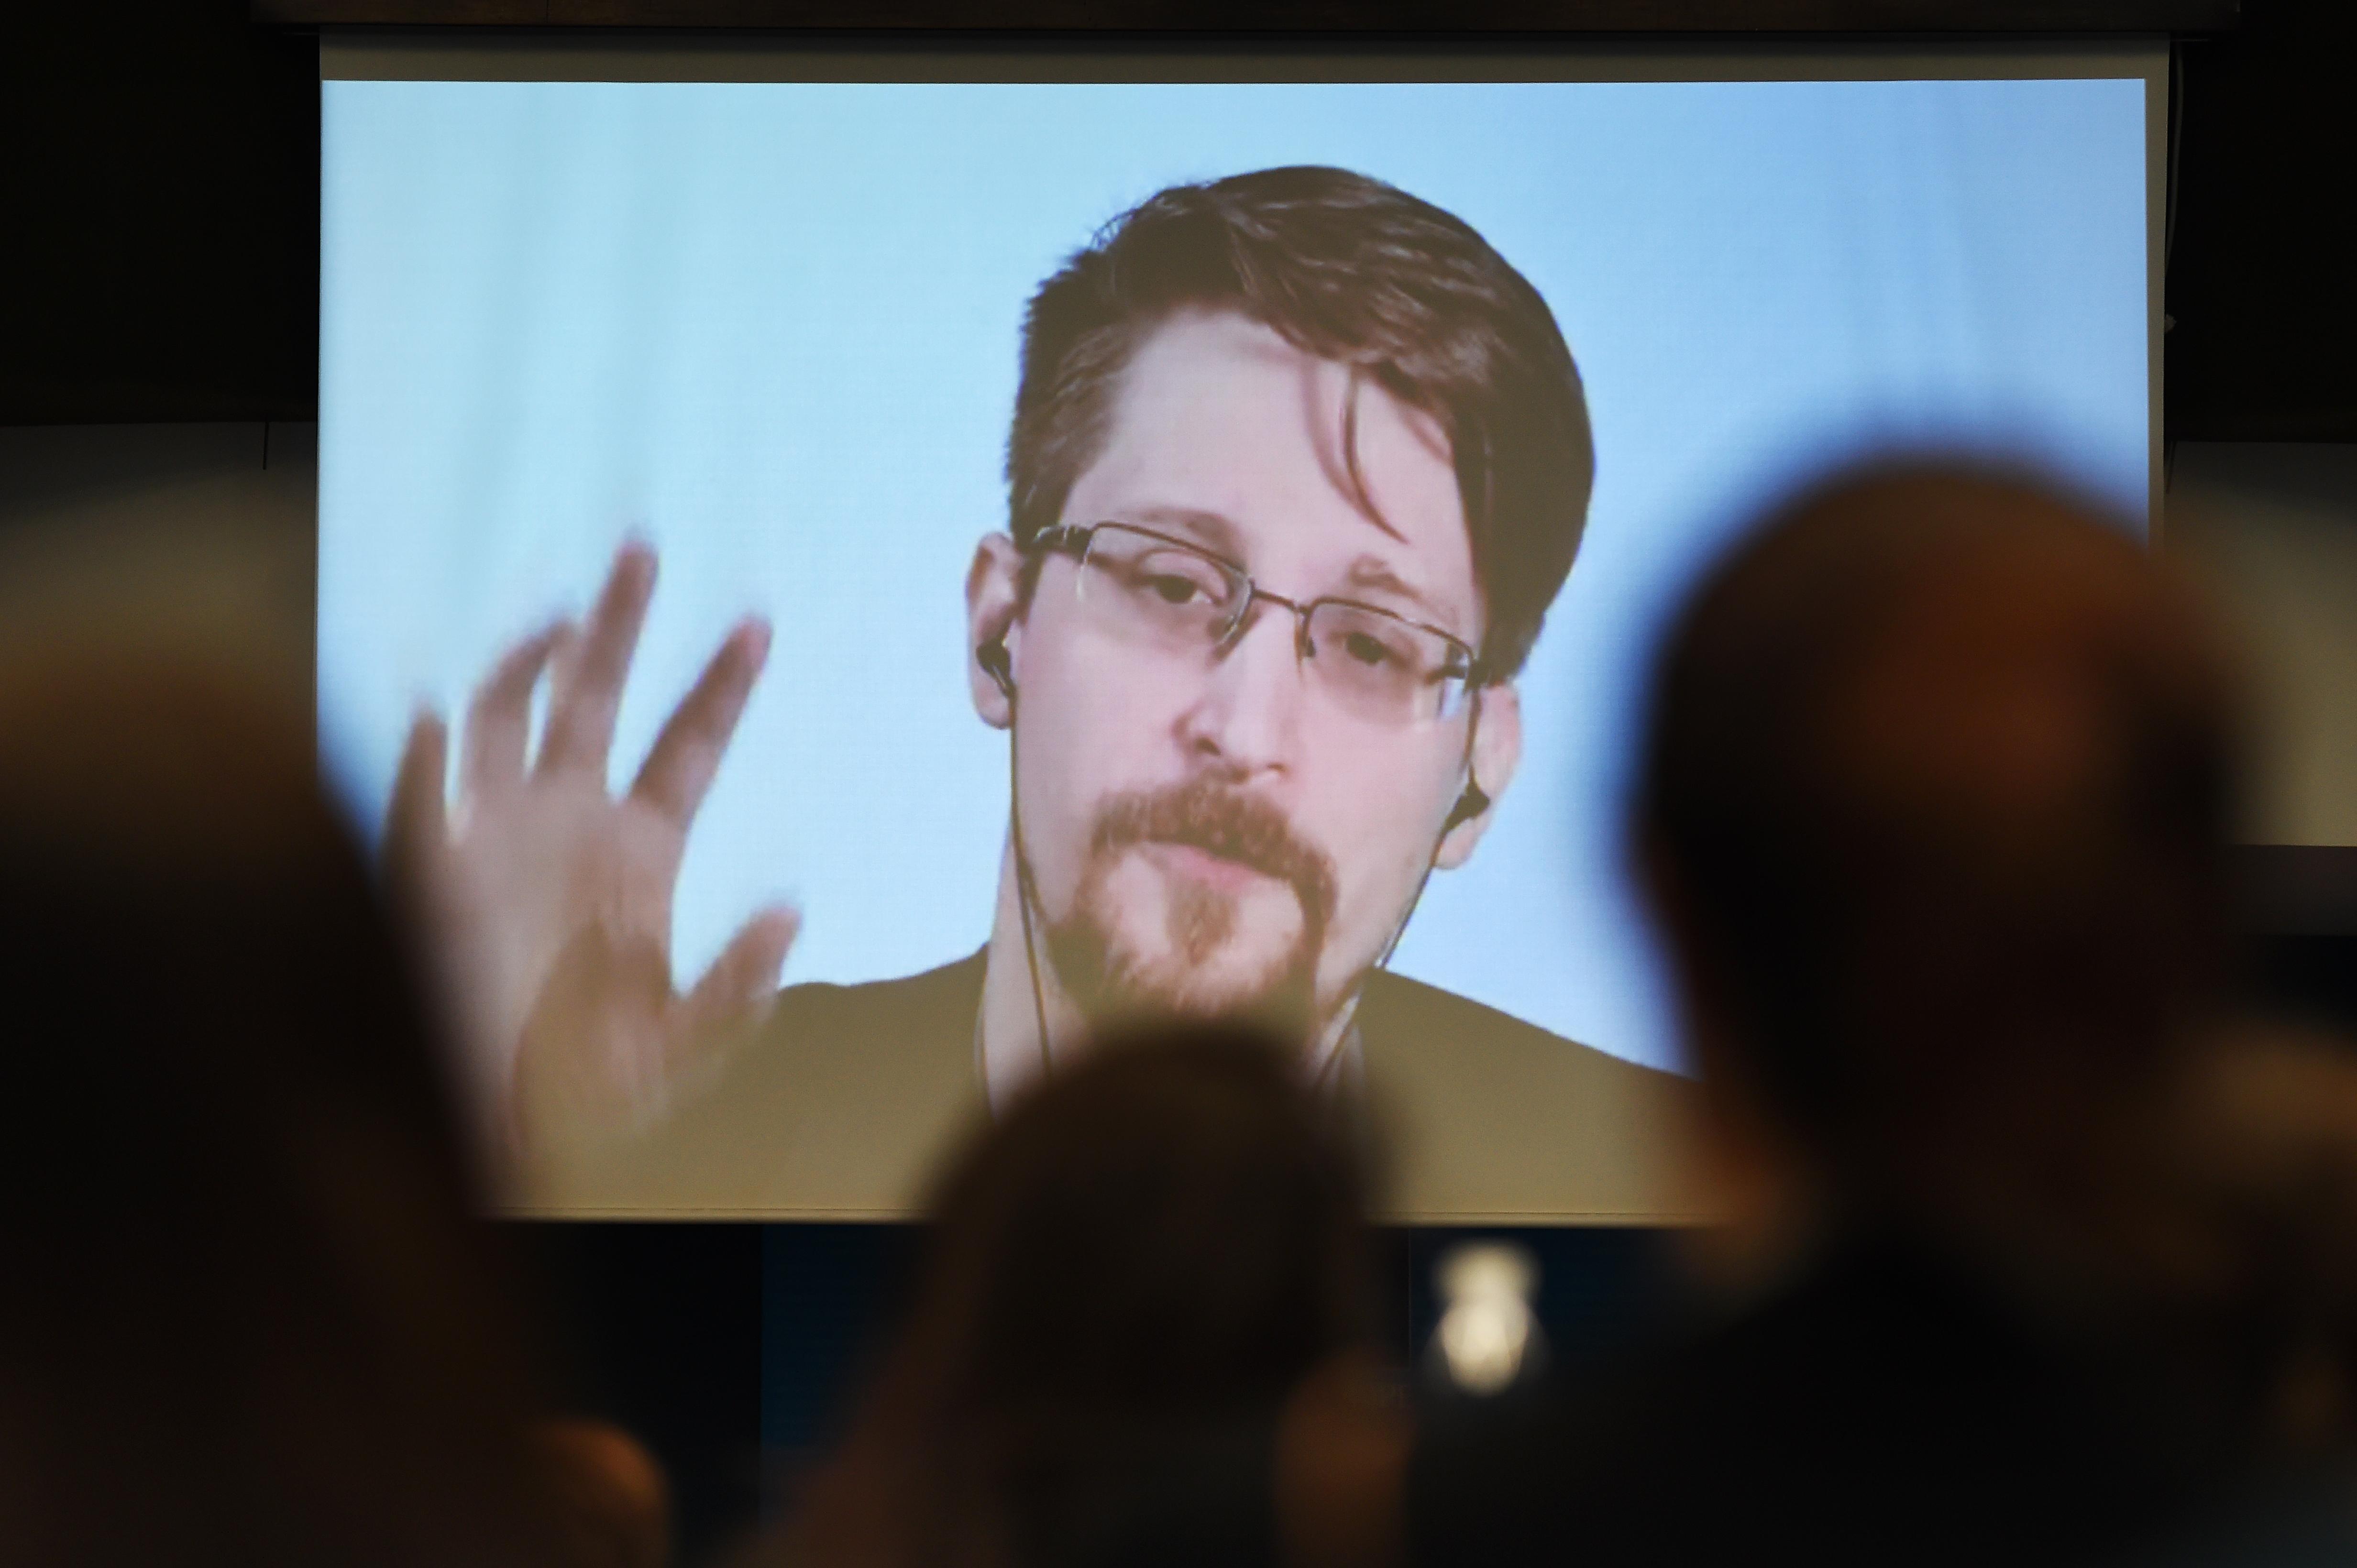 Snowden kész visszatérni az Egyesült Államokba, és akár börtönbe is vonulni, ha tisztességes eljárásban részesül